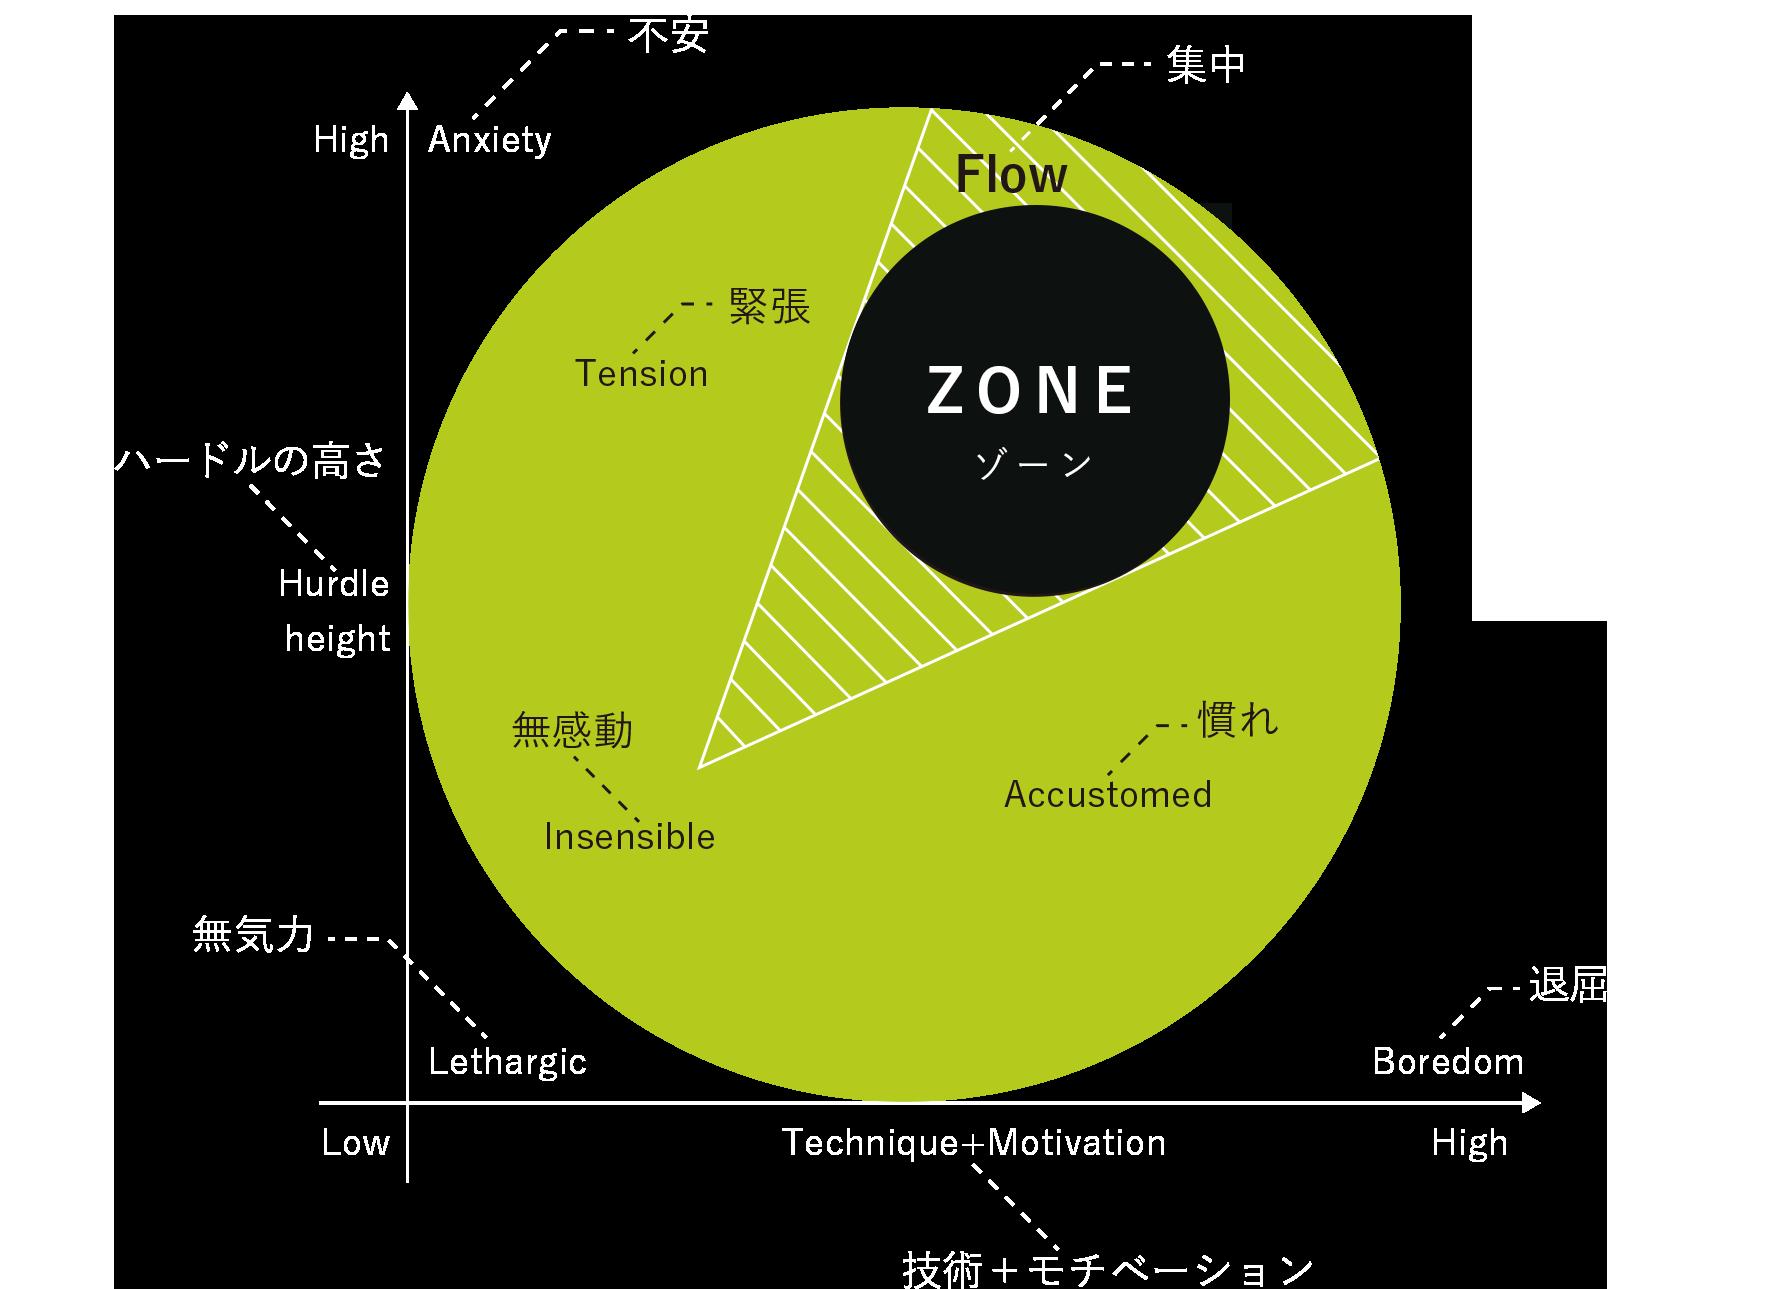 クリオの考えるZONEの図